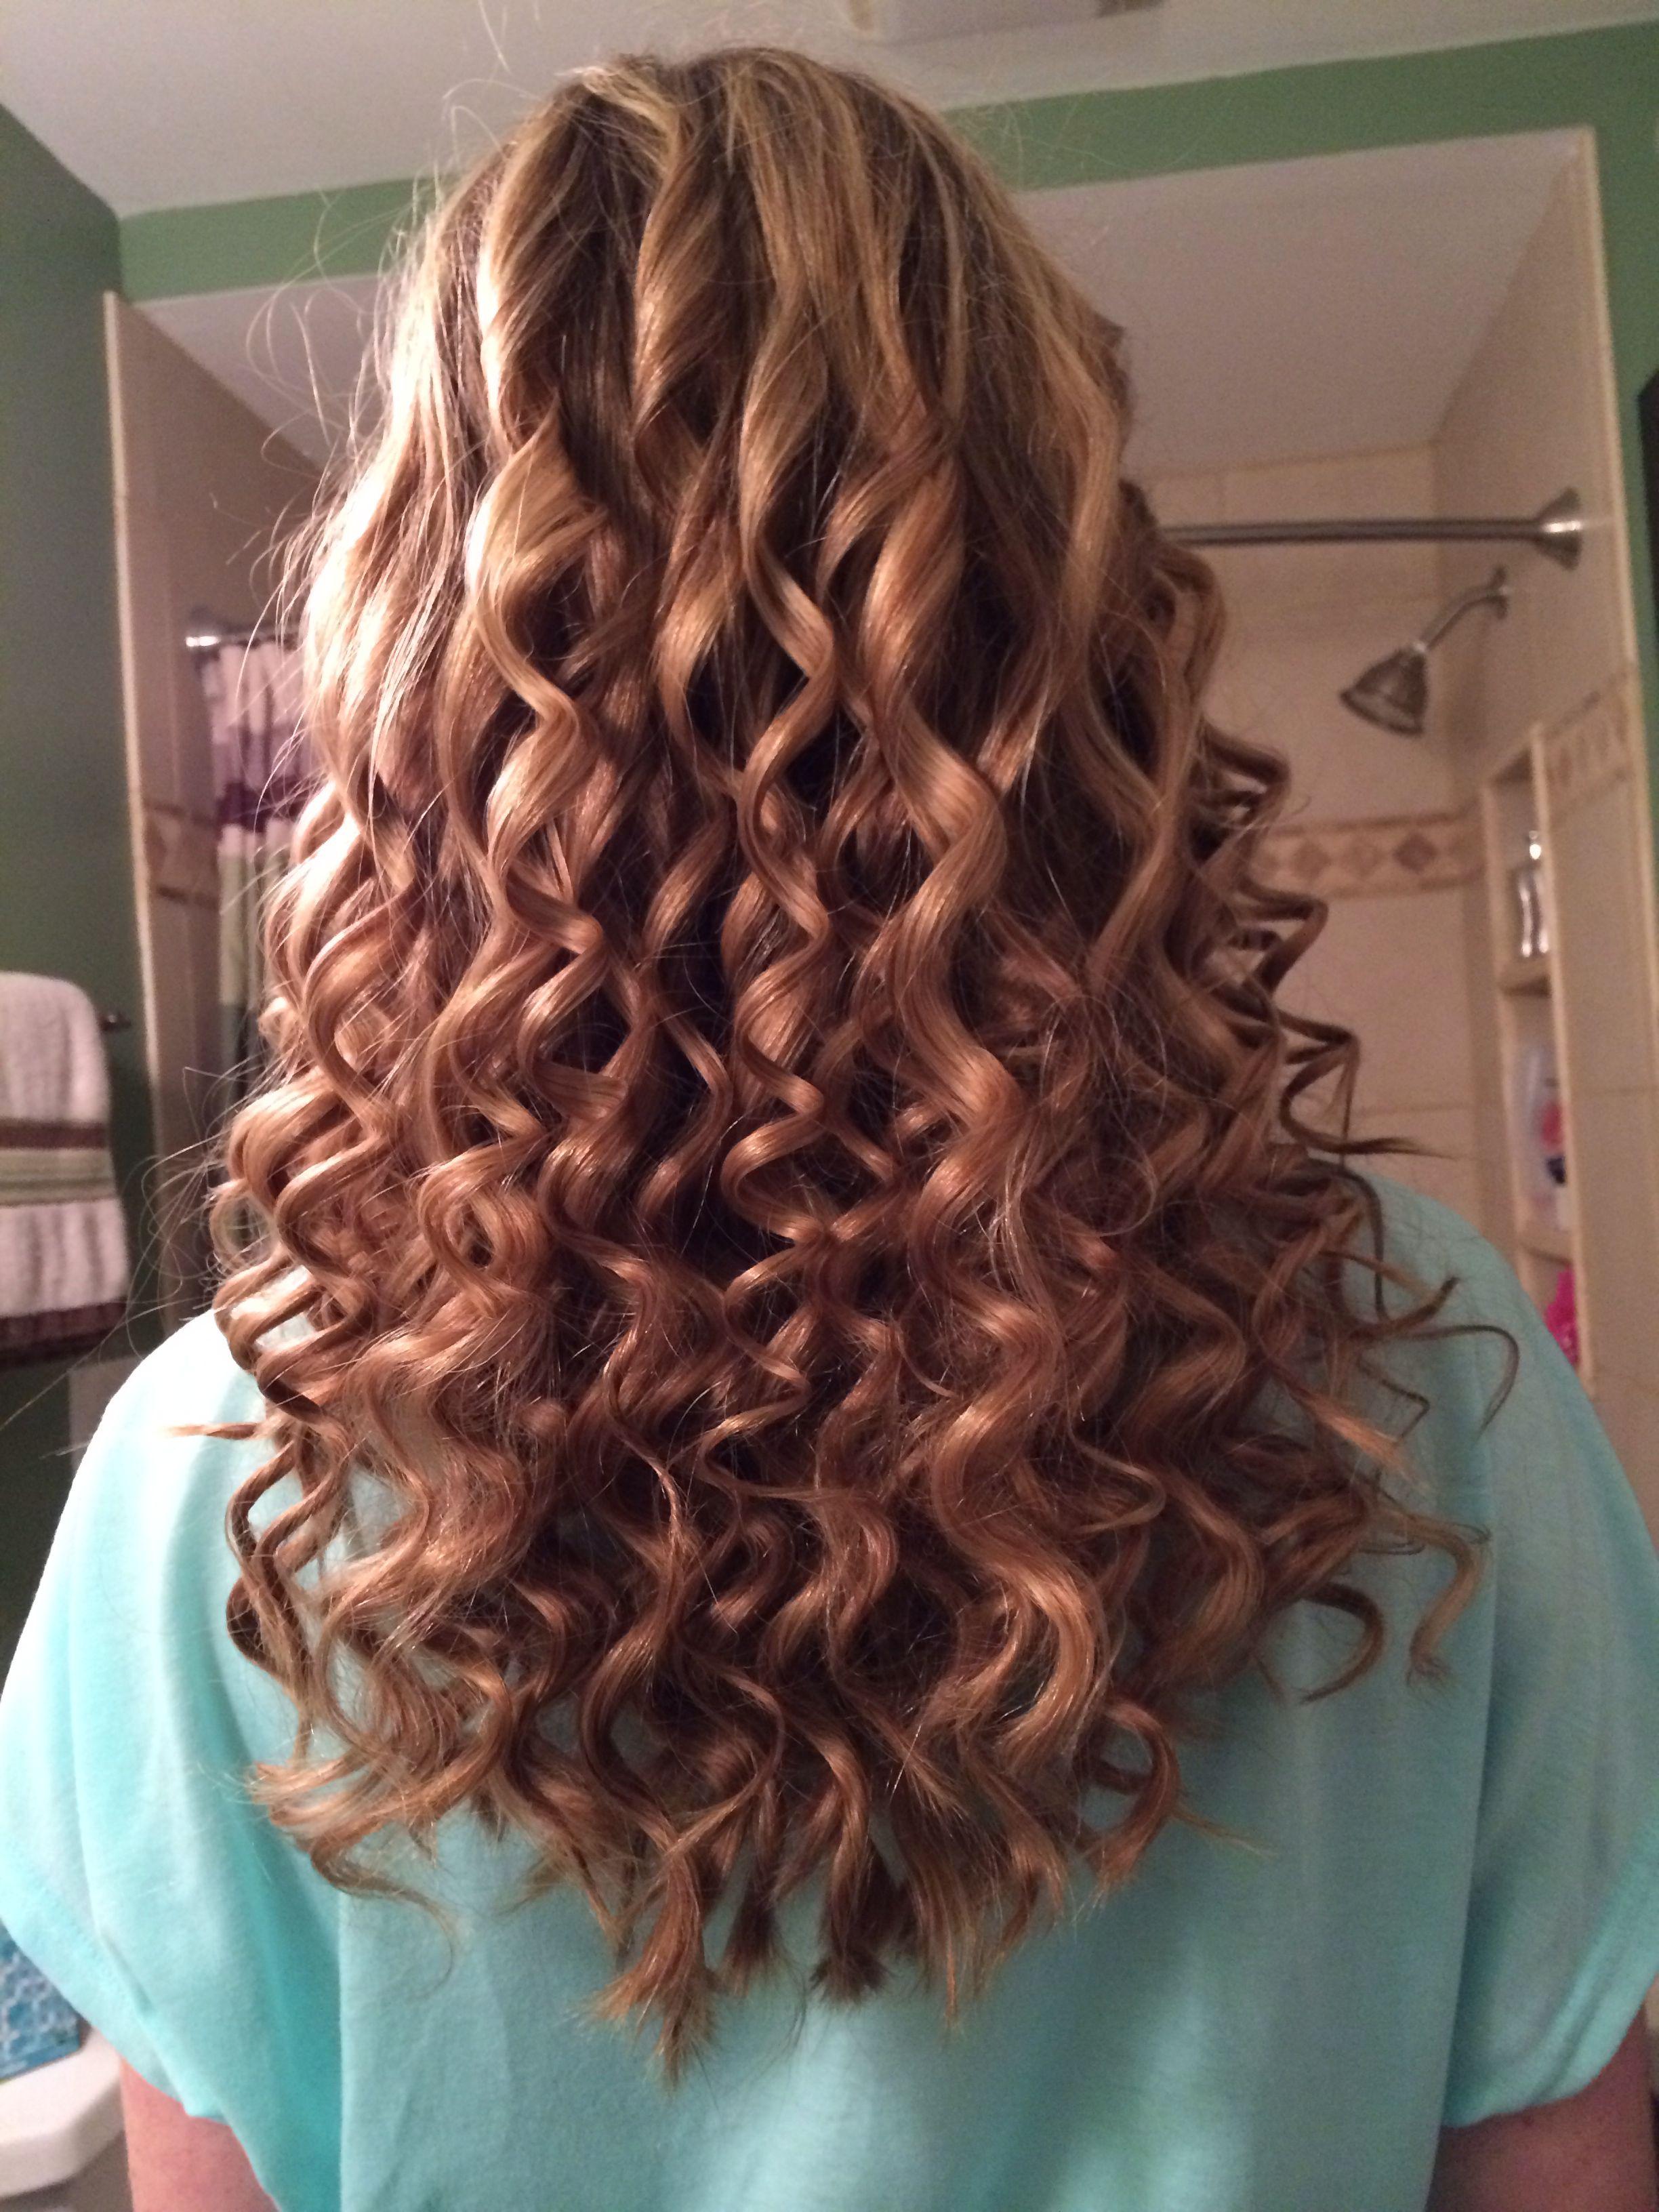 My hair yesterday! Tight spiral curls! | Cute hair ...